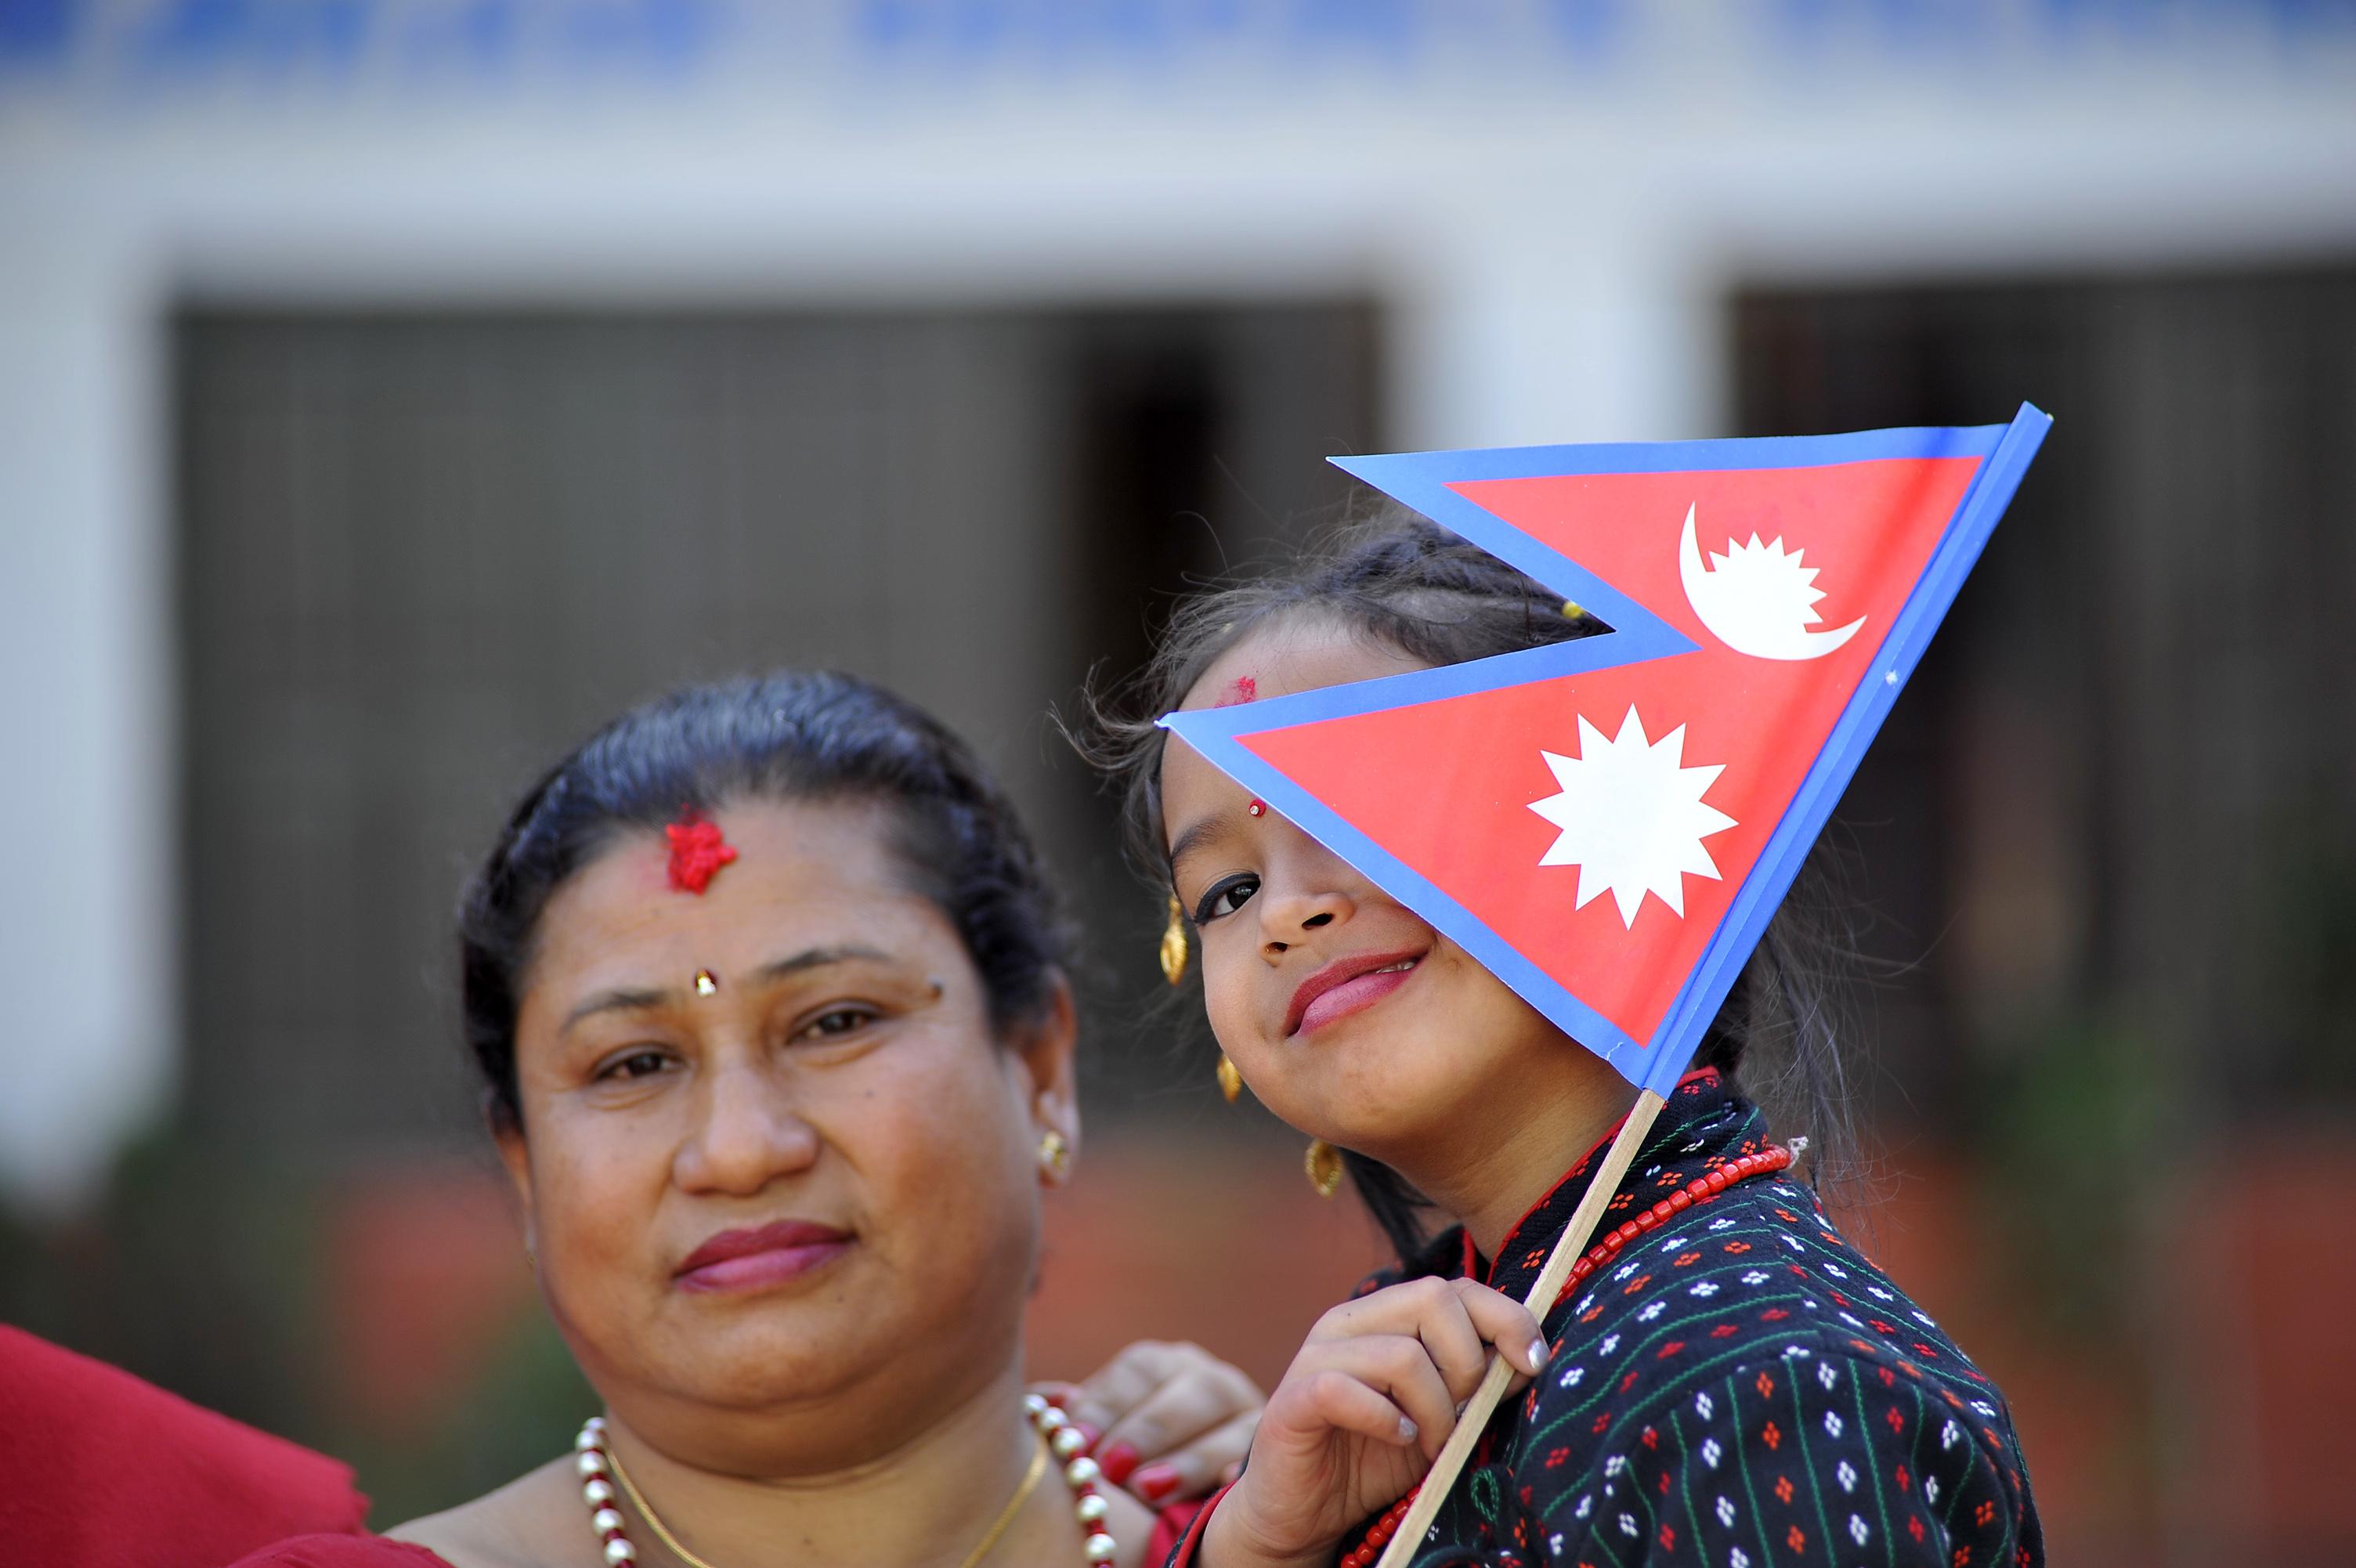 فتاة ترفع علم نيبال